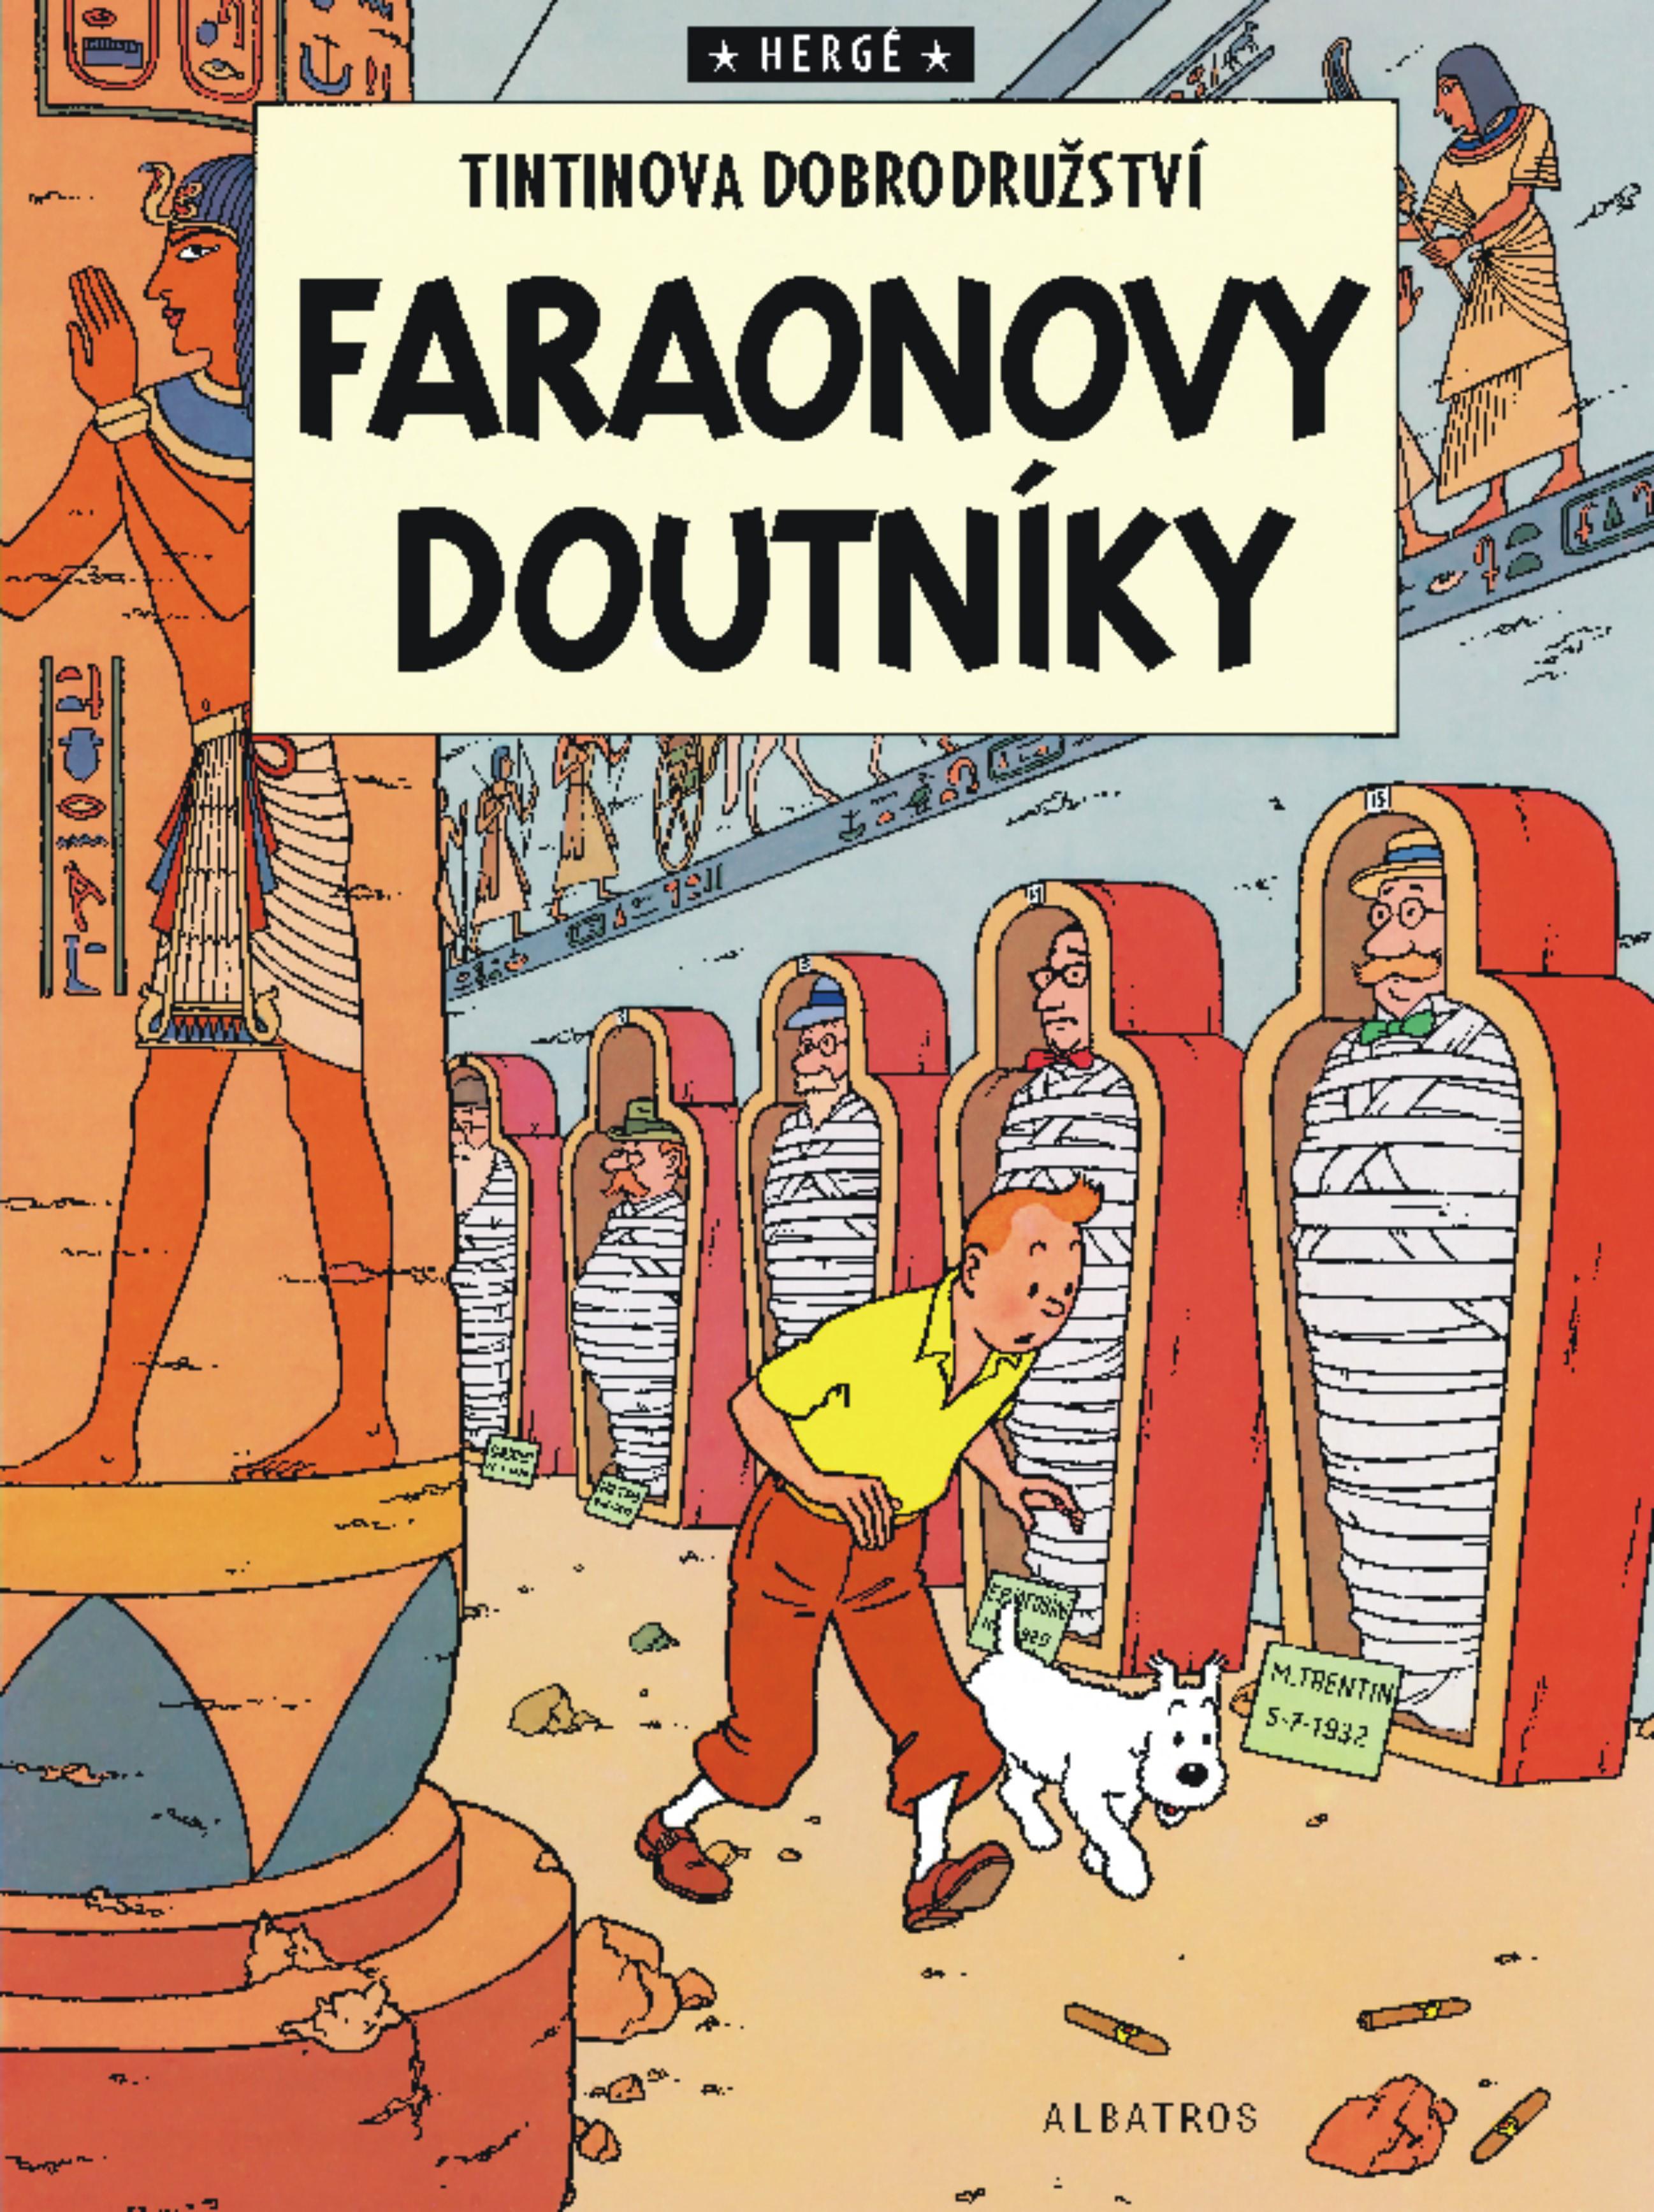 Tintin 4 - Faraonovy doutníky